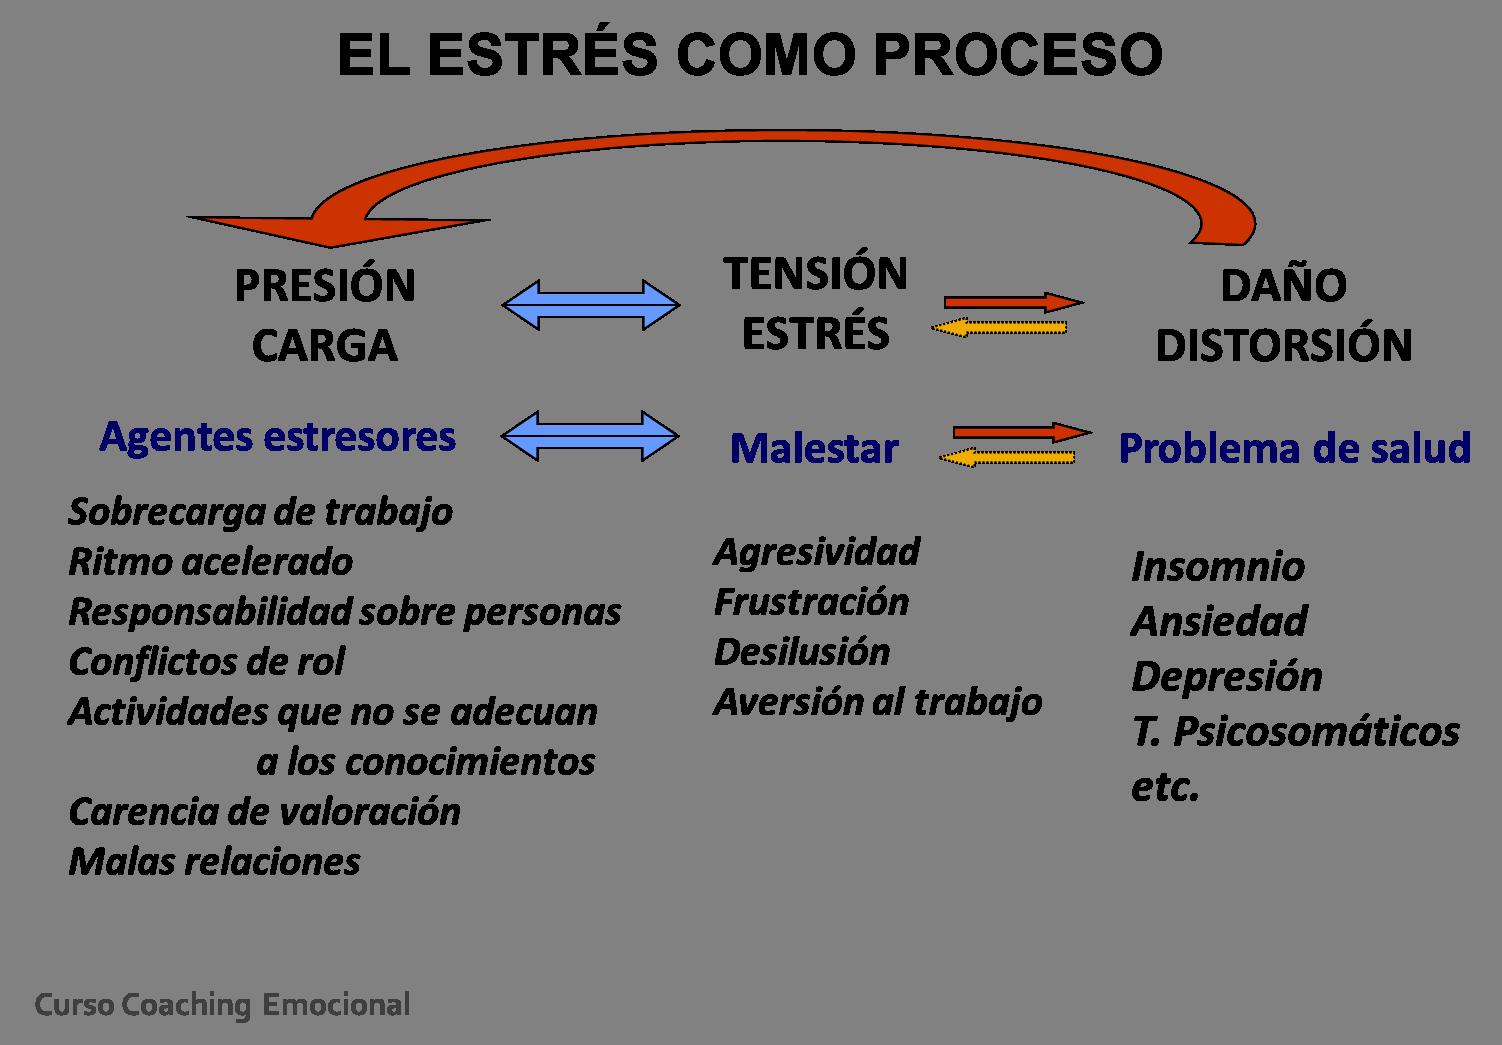 primer ciclo de esteroides tupincho